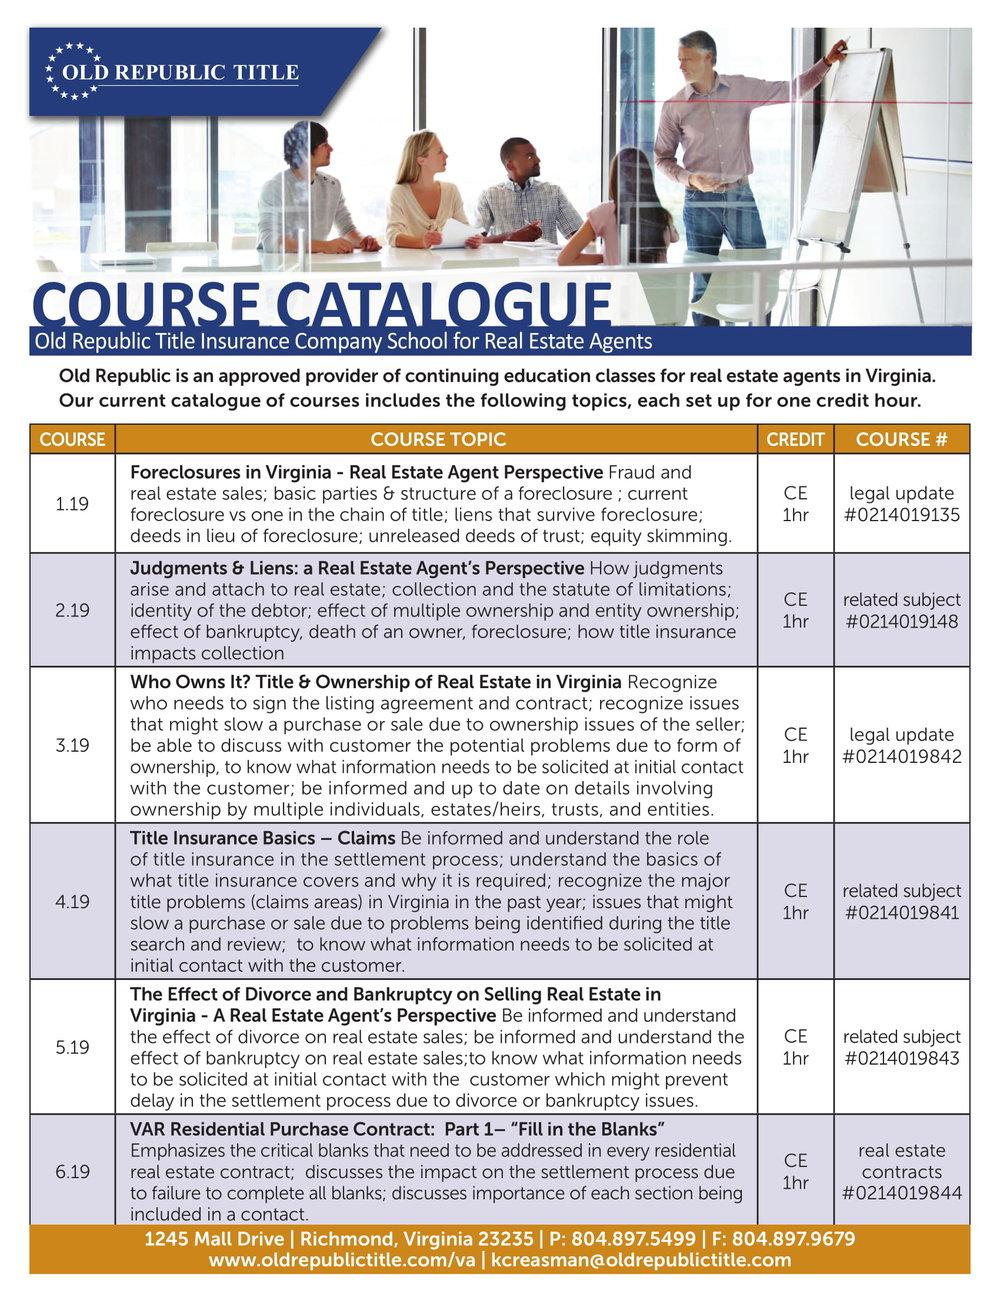 Course Catalogue 08 2018-1.jpg